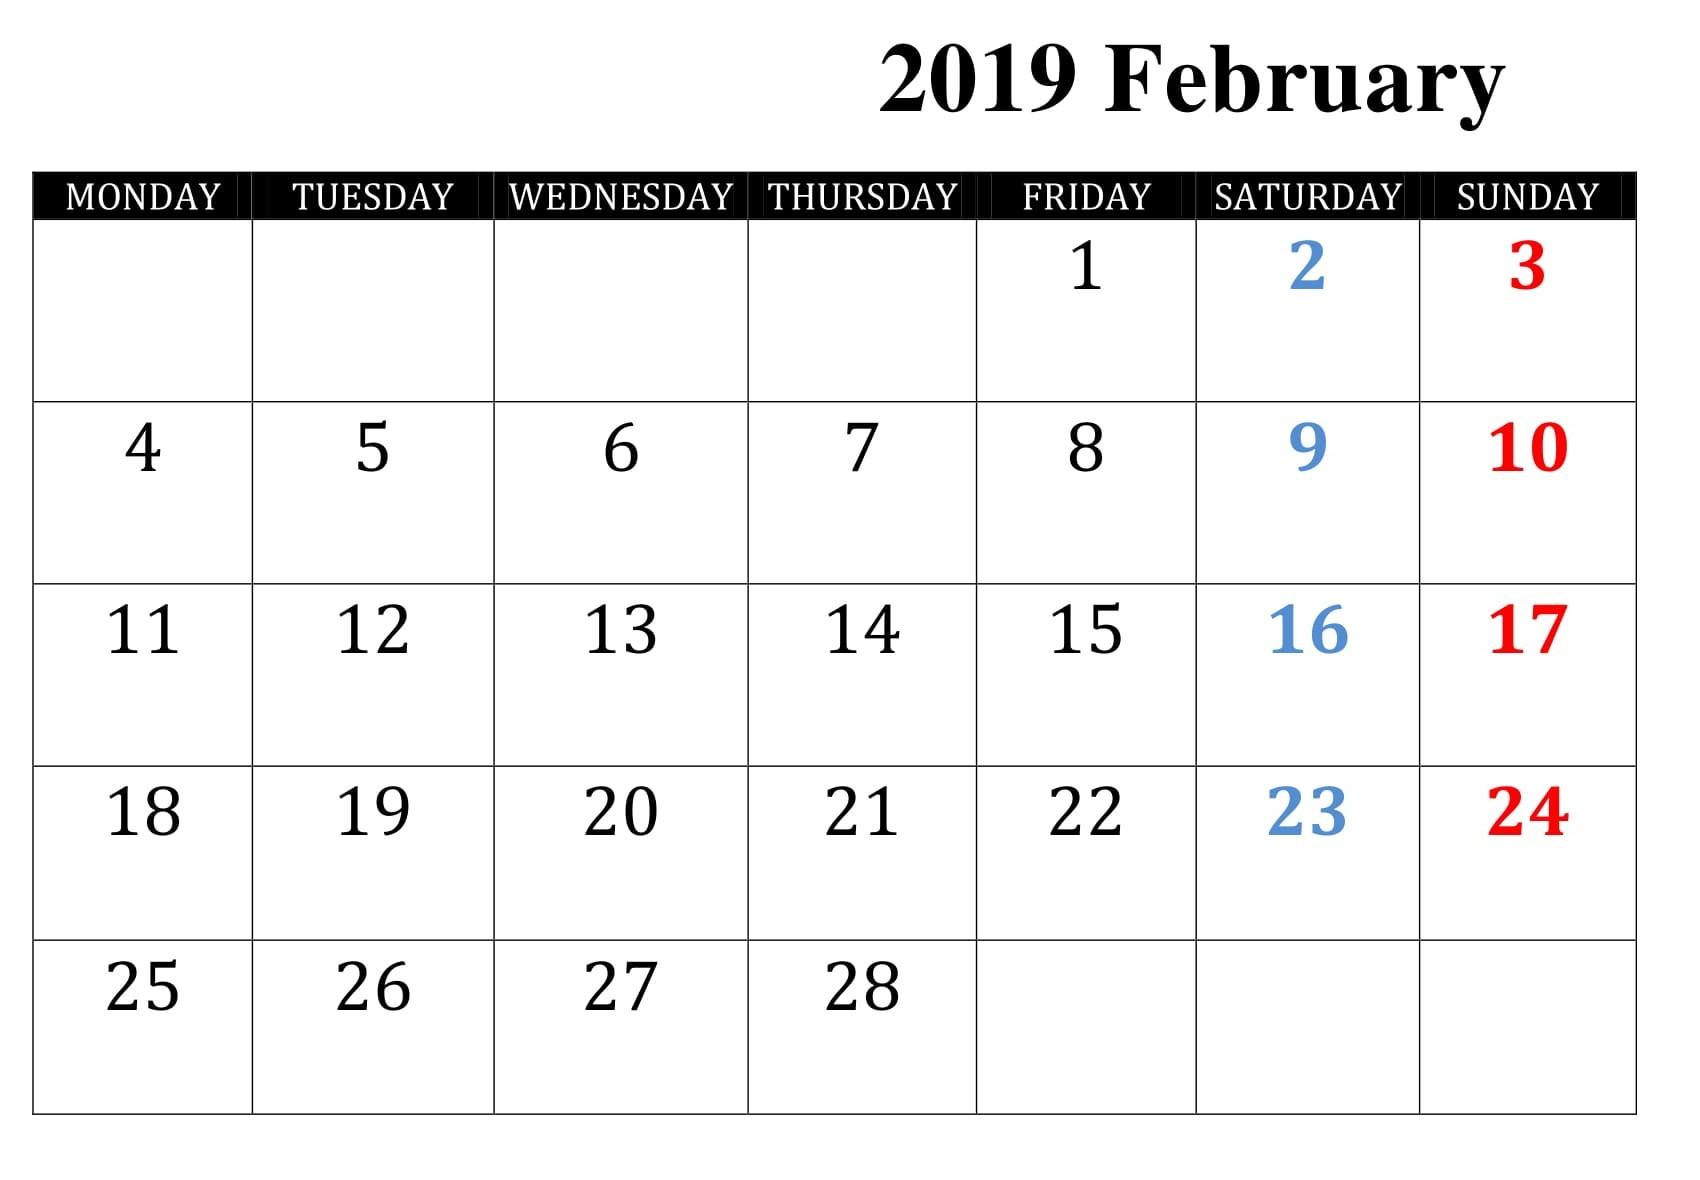 2019 March Calendar Kalnirnay Mejores Y Más Novedosos Editable Calendar February 2019 Lara Expolicenciaslatam Of 2019 March Calendar Kalnirnay Actual Kalendar Kuda July 2017